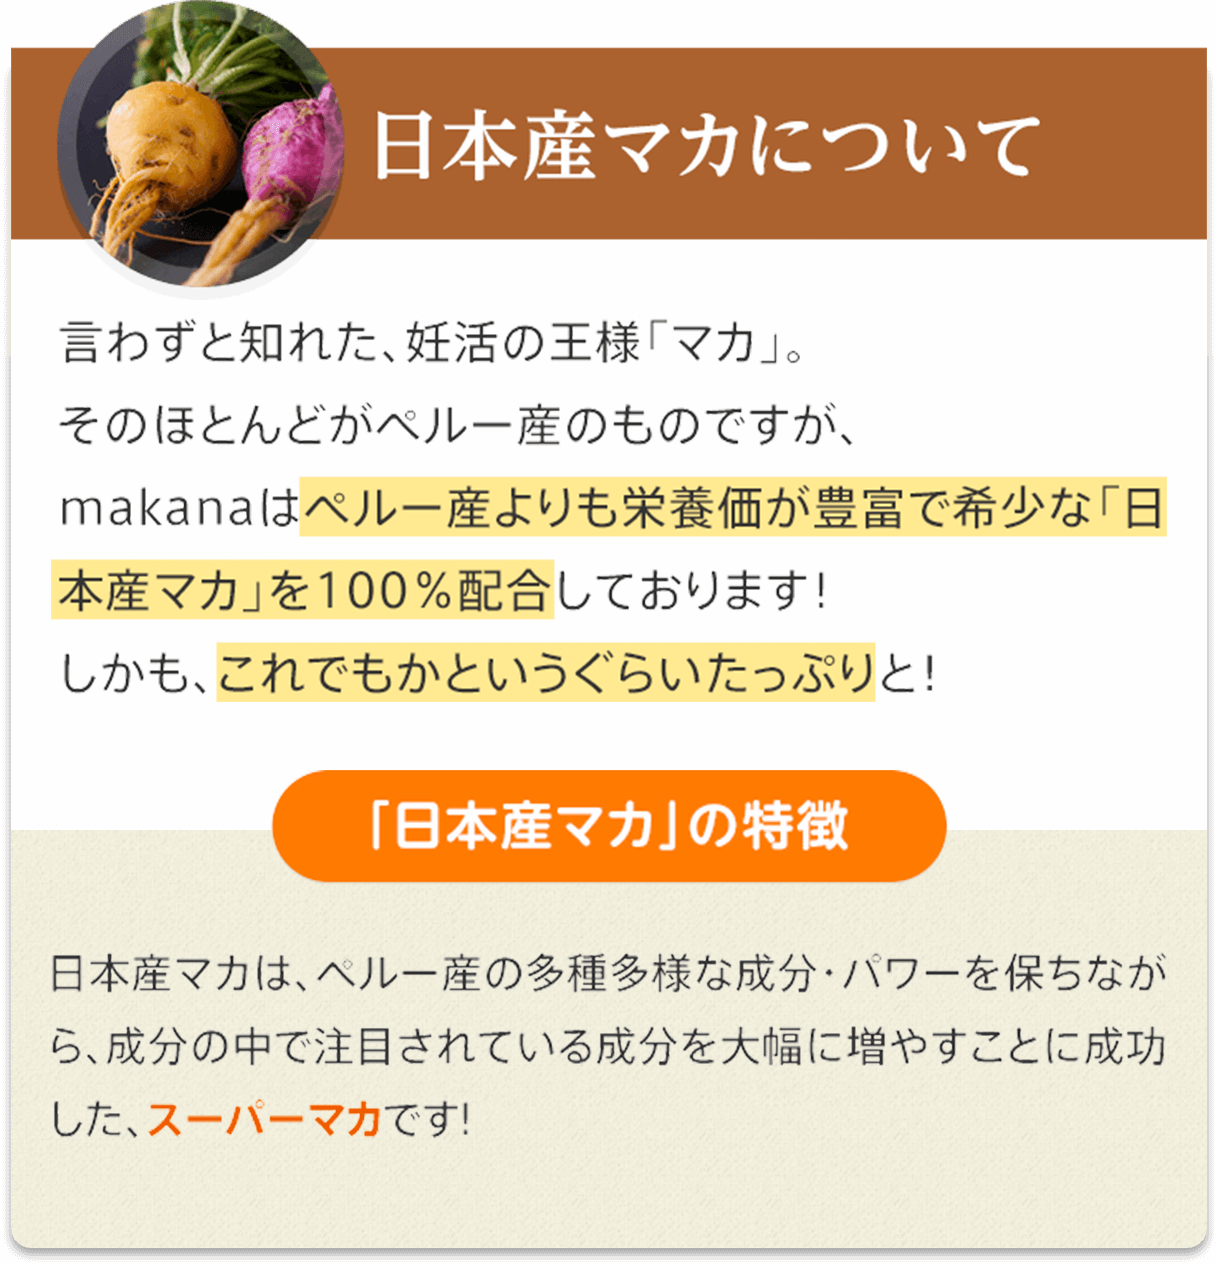 日本産マカについて   言わずと知れた、妊活の王様「マカ」。そのほとんどがペルー産のものですが、makanaはペルー産よりも栄養価が豊富で希少な「日本産マカ」を100%配合しております!しかも、これでもかというぐらいたっぷりと!   「日本産マカ」の特徴   日本産マカは、ペルー産の多種多様な成分・パワーを保ちながら、成分の中で注目されている成分を大幅に増やすことに成功した、スーパーマカです!